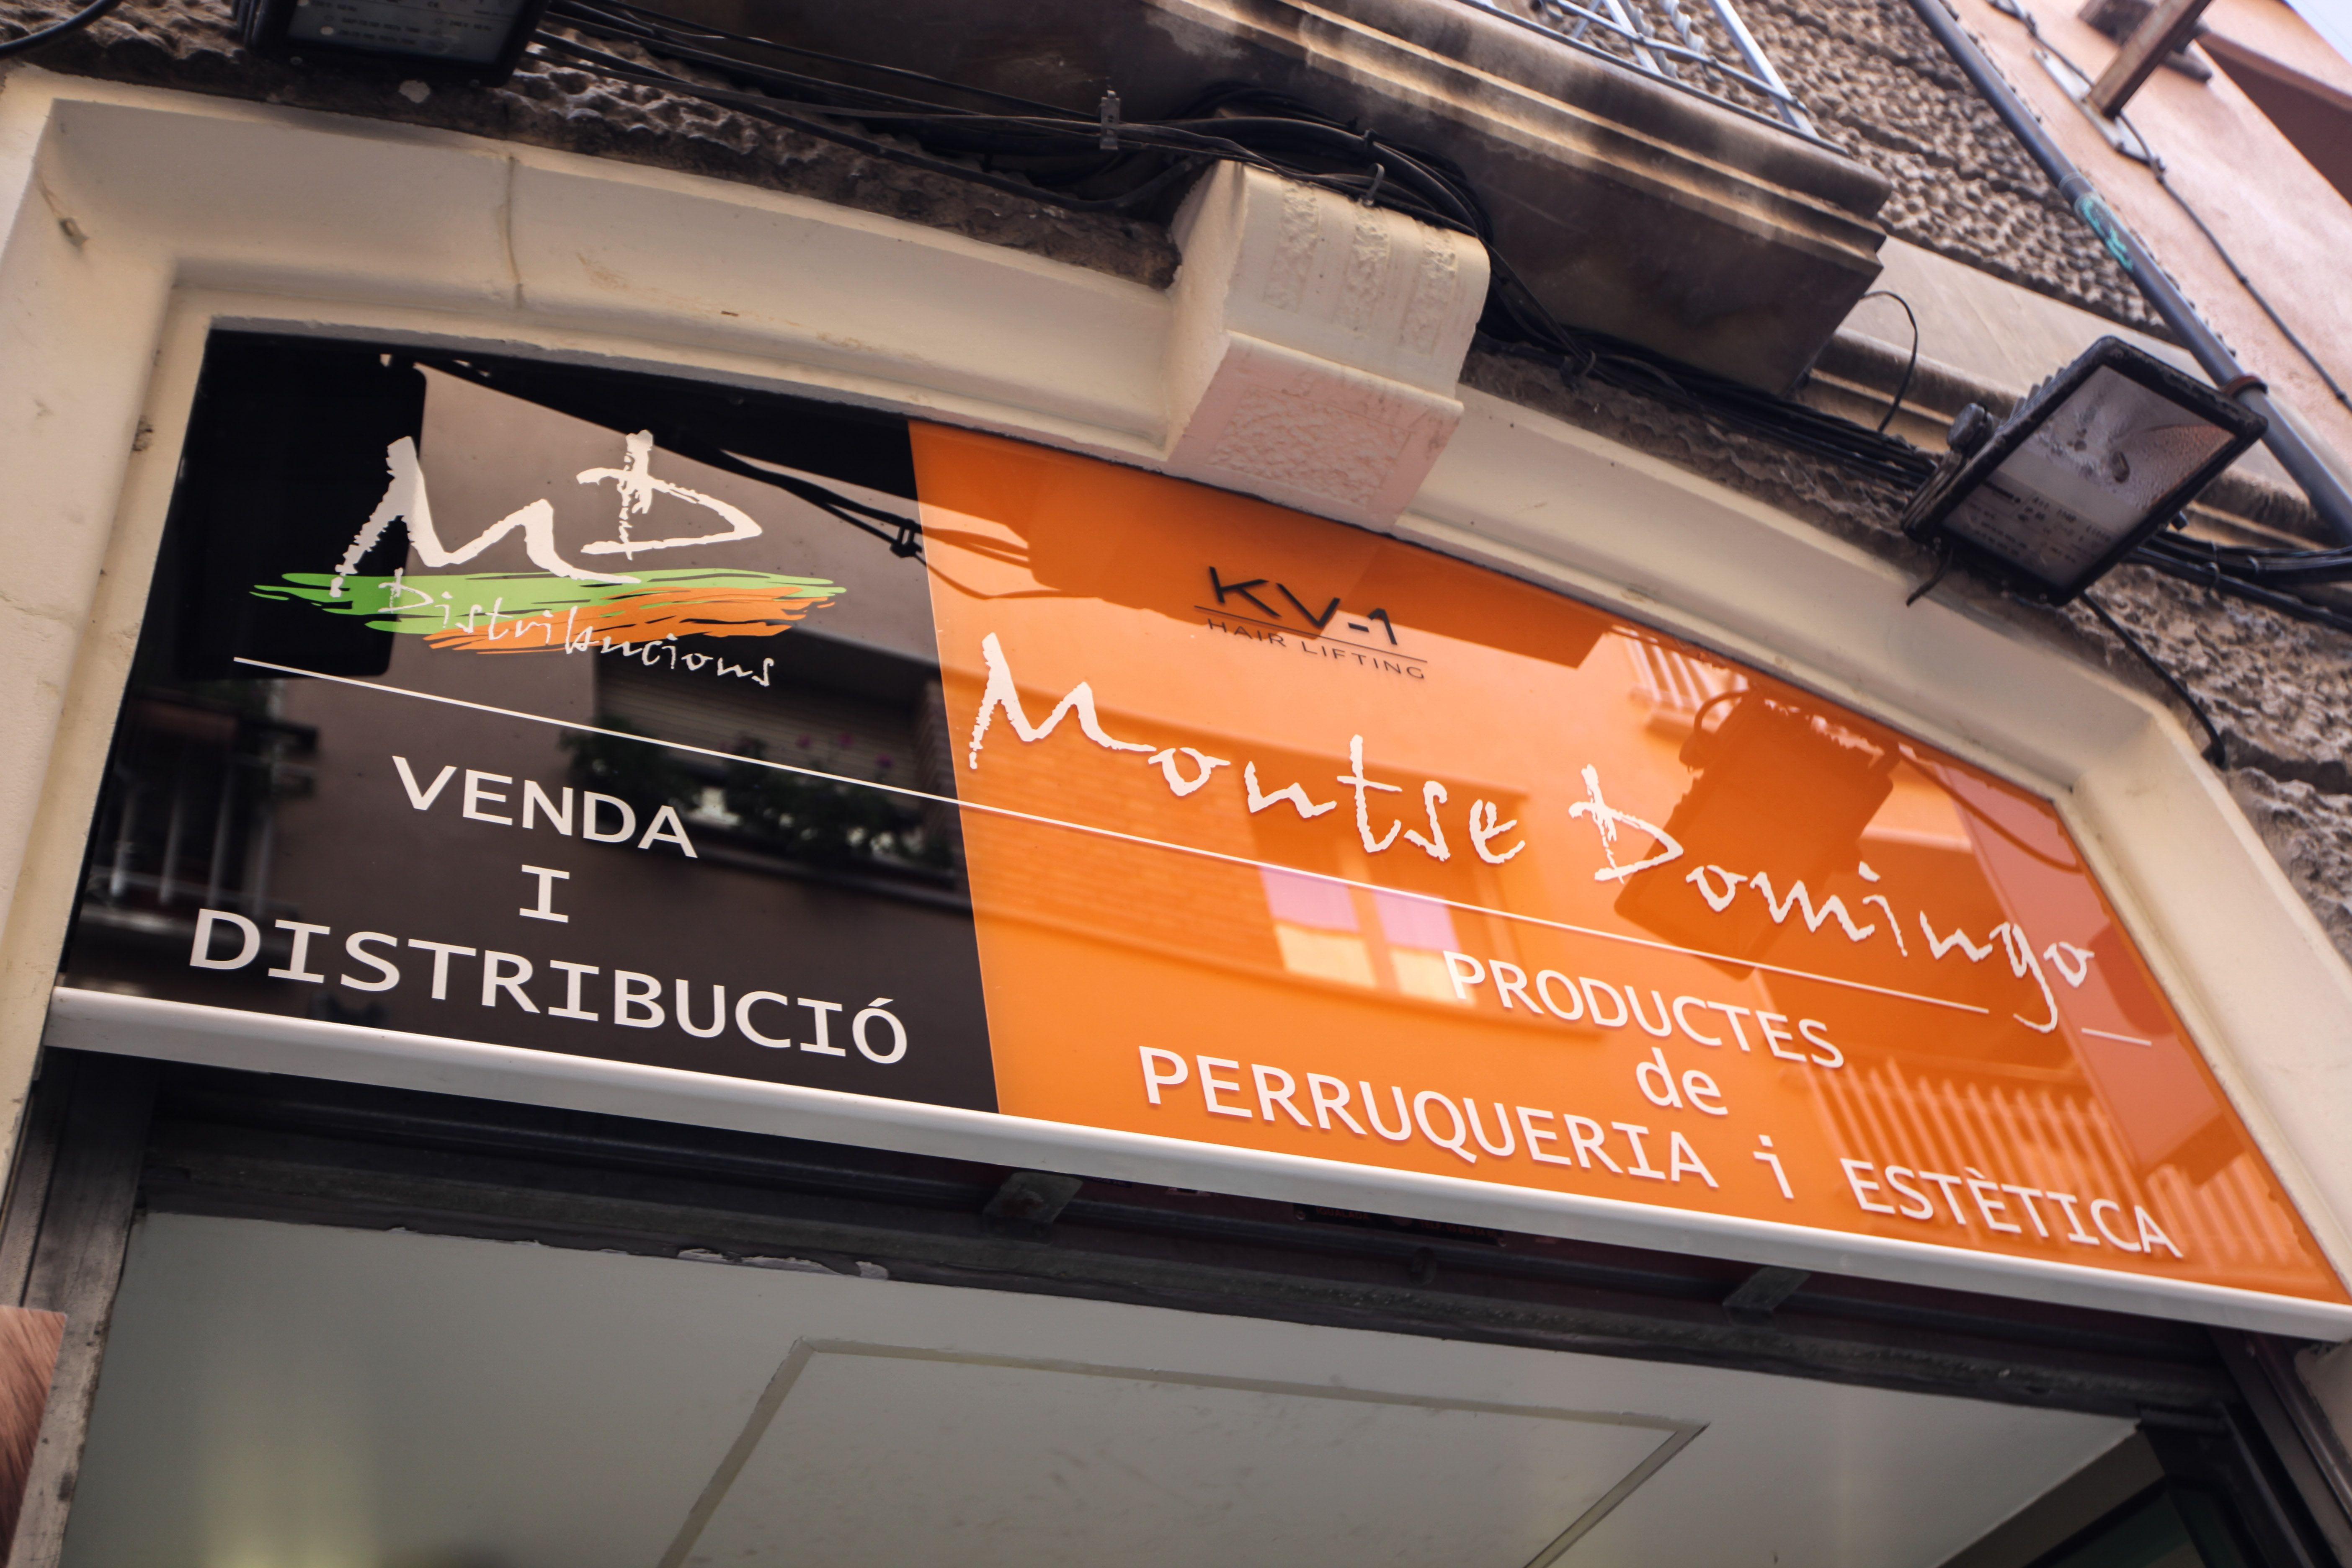 Foto 10 de Peluquería y estética (distribución) en Vilafranca del Penedès | Montse Domingo Distribucions